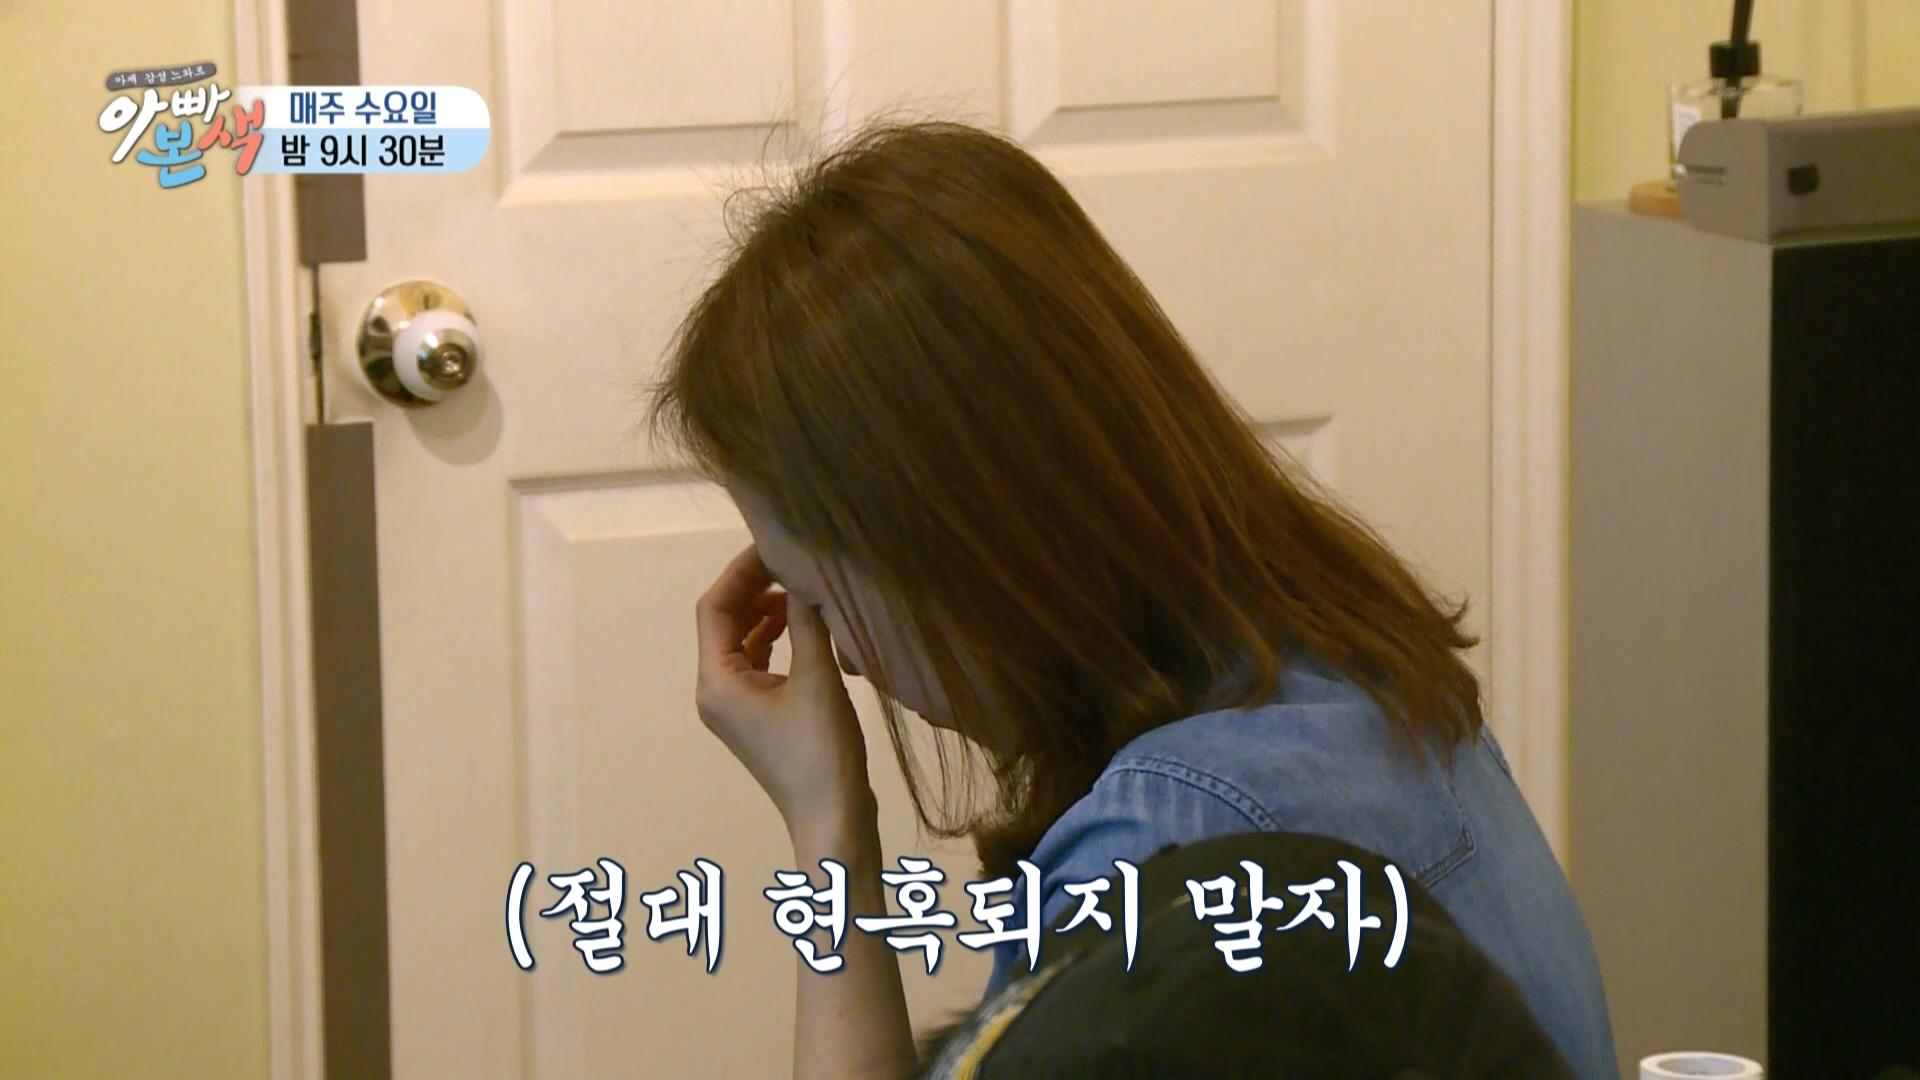 [선공개] 아내의 안색이 납빛일 때, 준혁의 위기 모면술은? 이미지